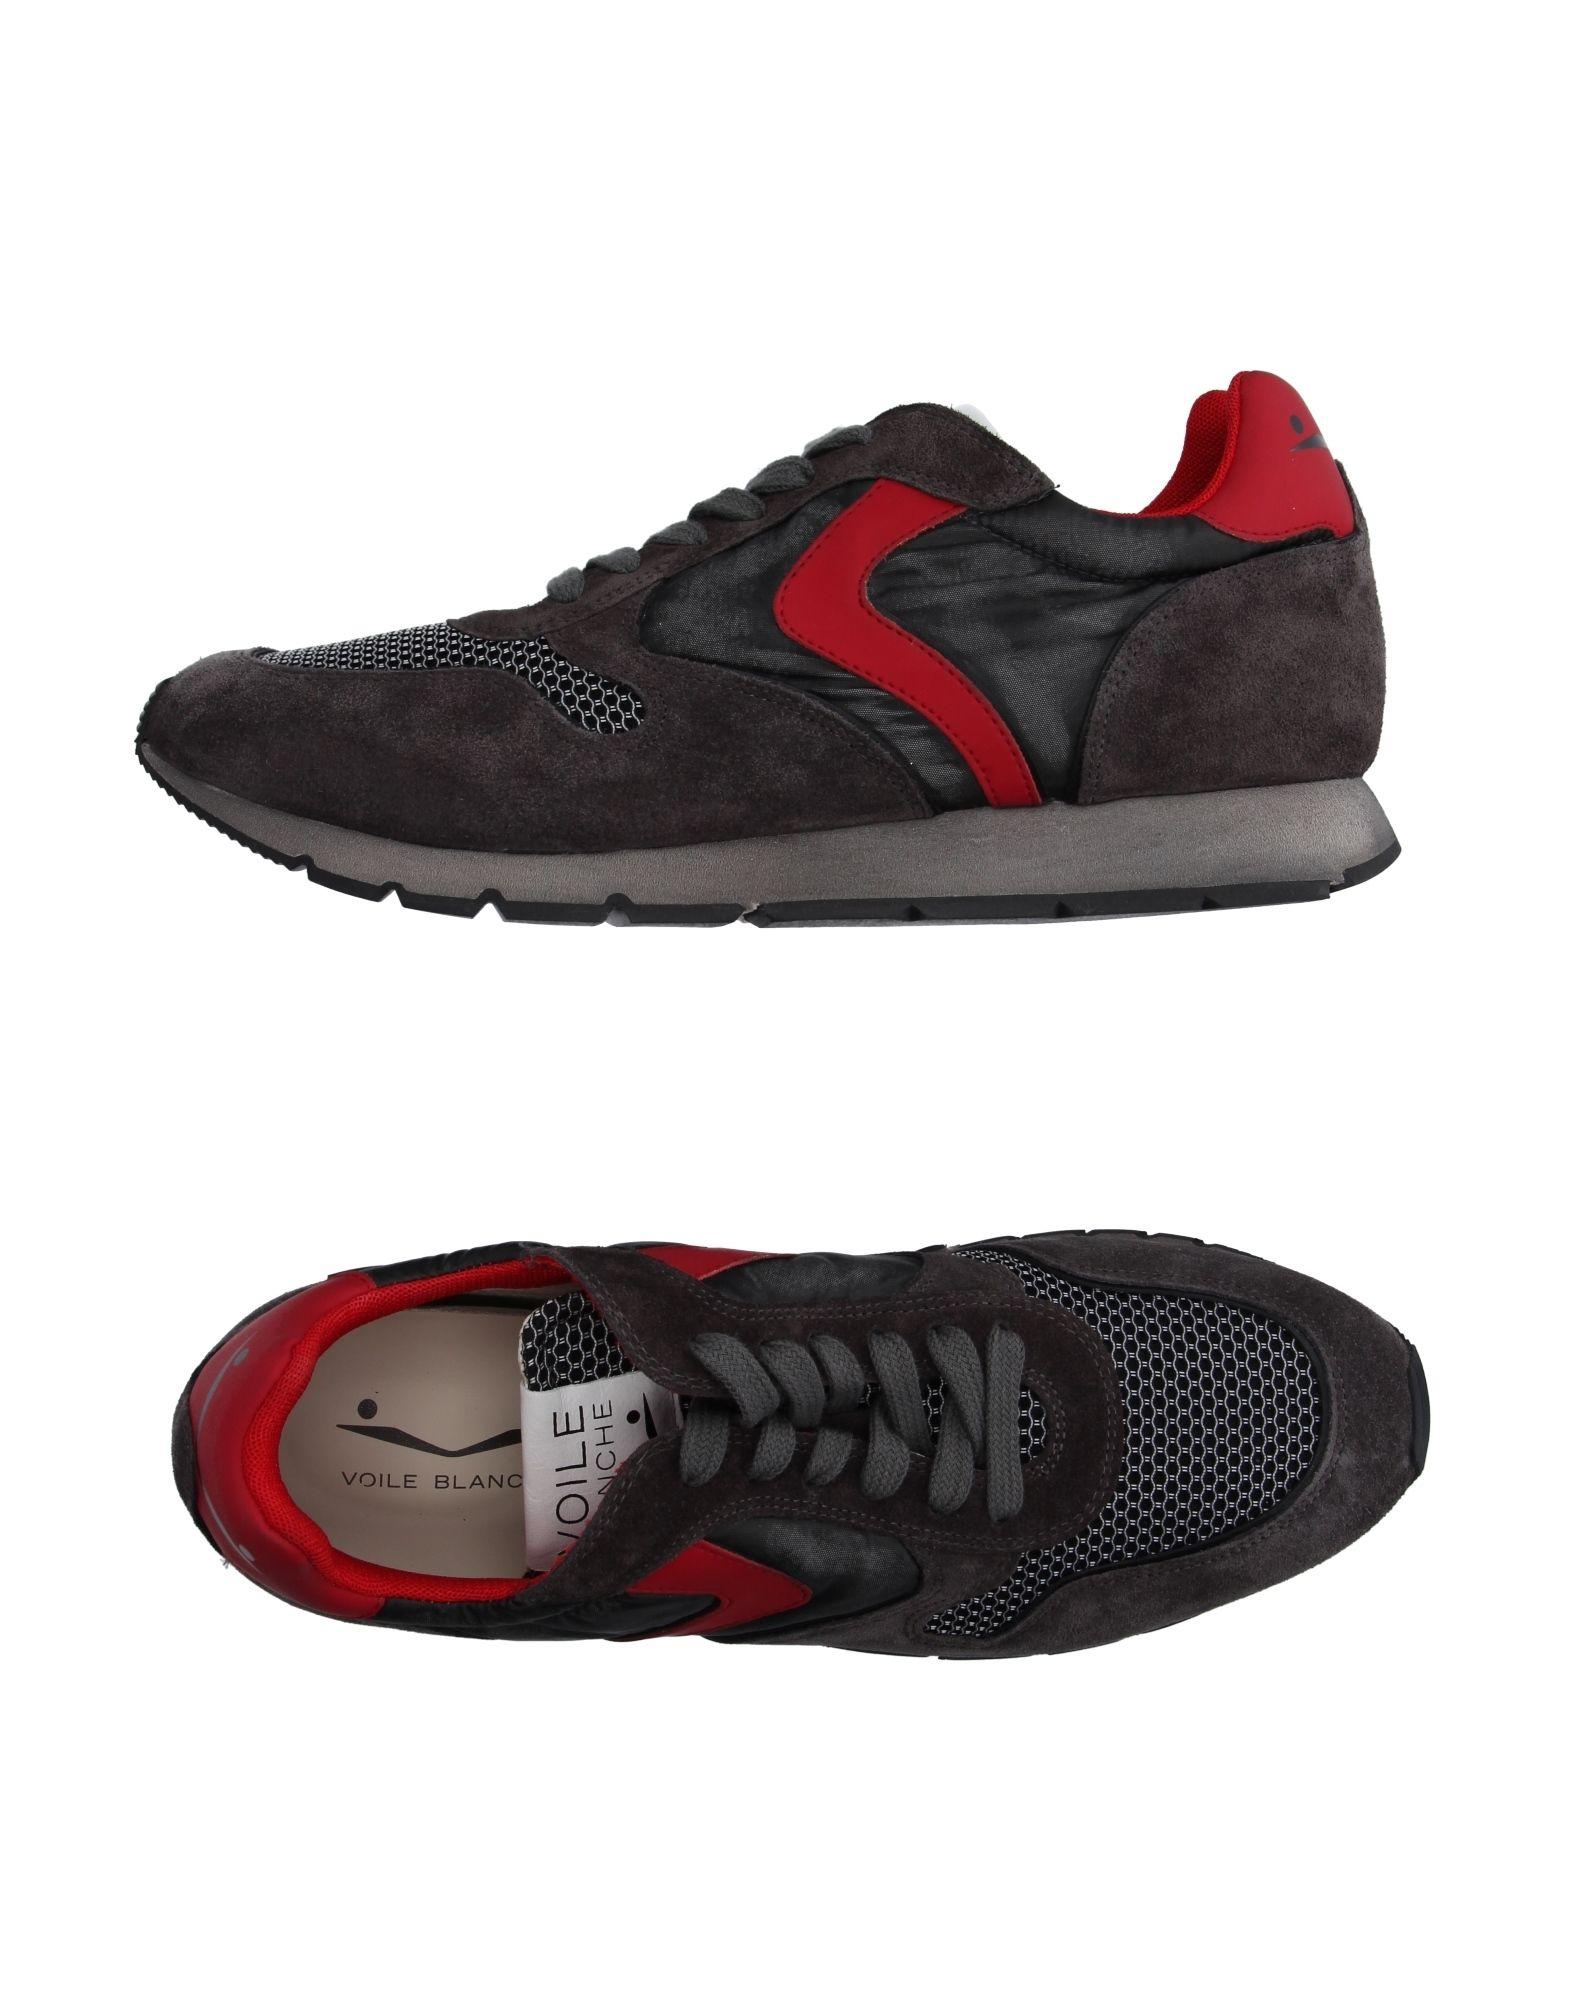 Voile Blanche Herren Sneakers Herren Blanche  11115968AQ c789d0